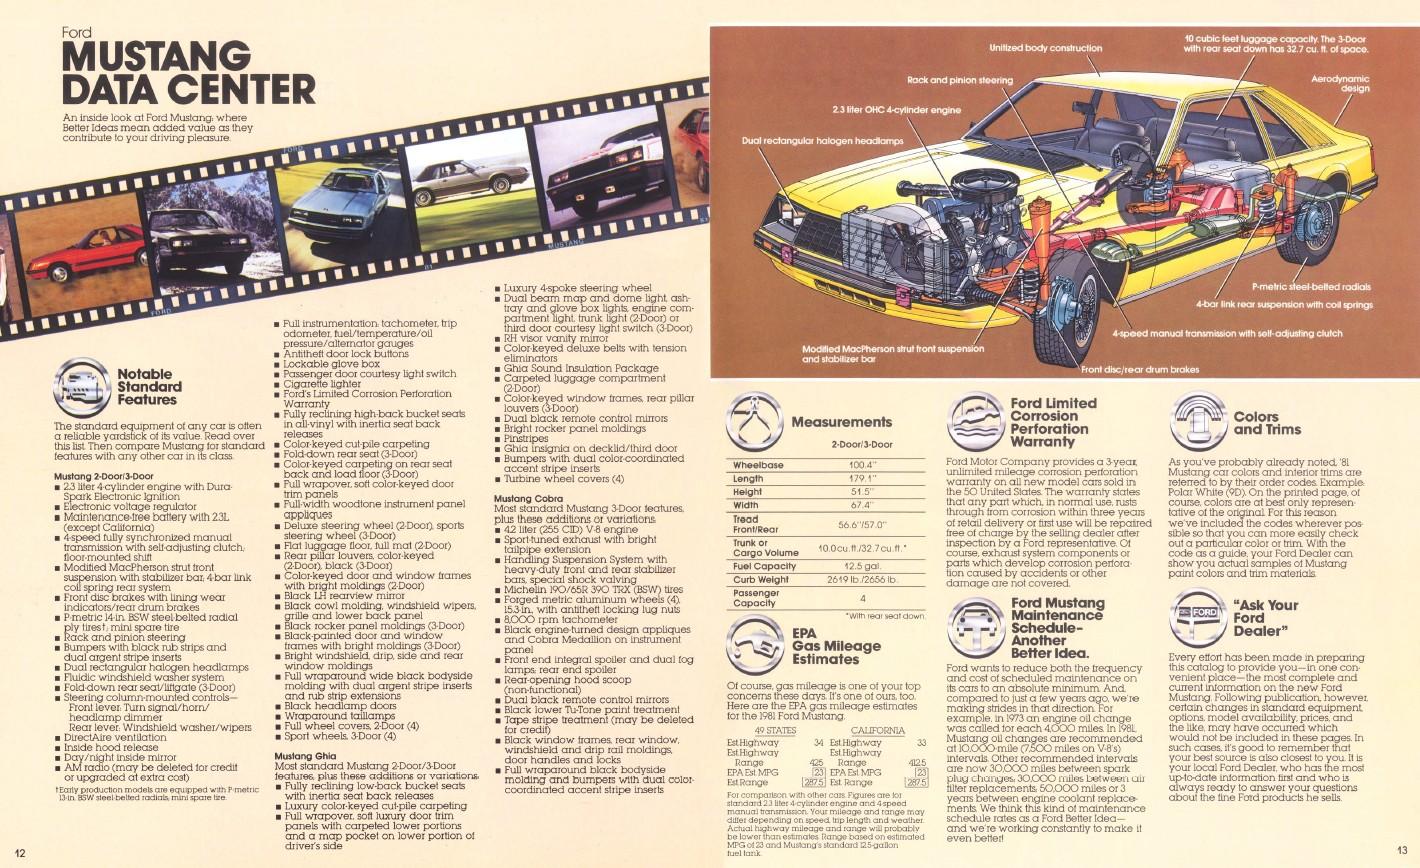 1981-ford-mustang-brochure-07.jpg